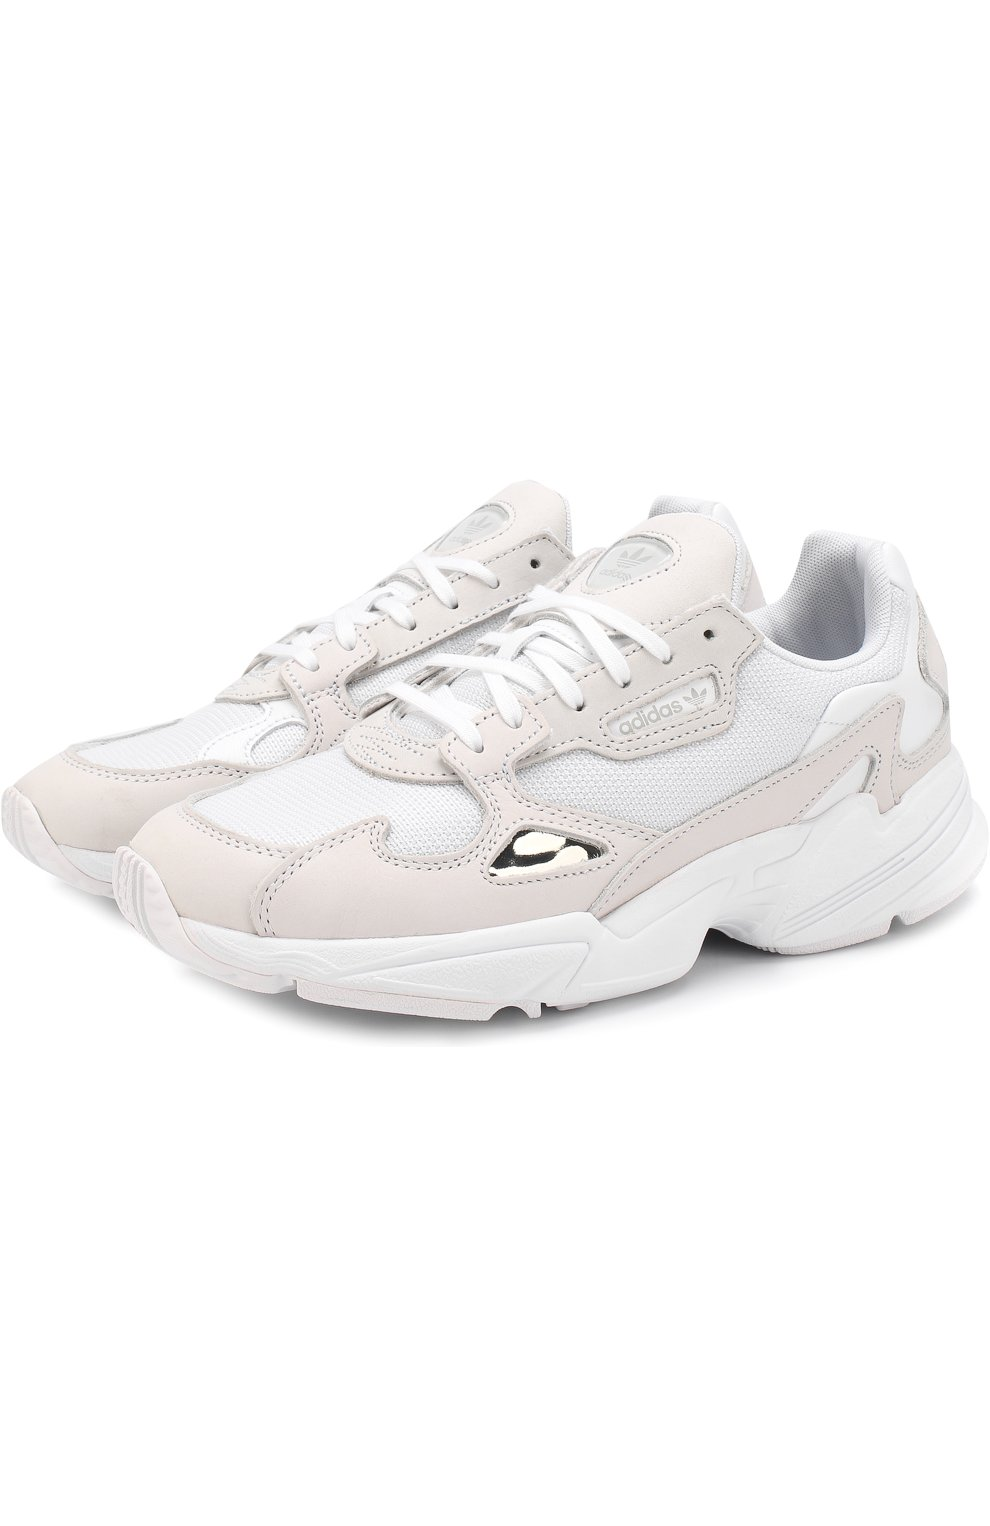 00063703 Комбинированные кроссовки Falcon Triple на шнуровке adidas Originals белые  | Фото №1